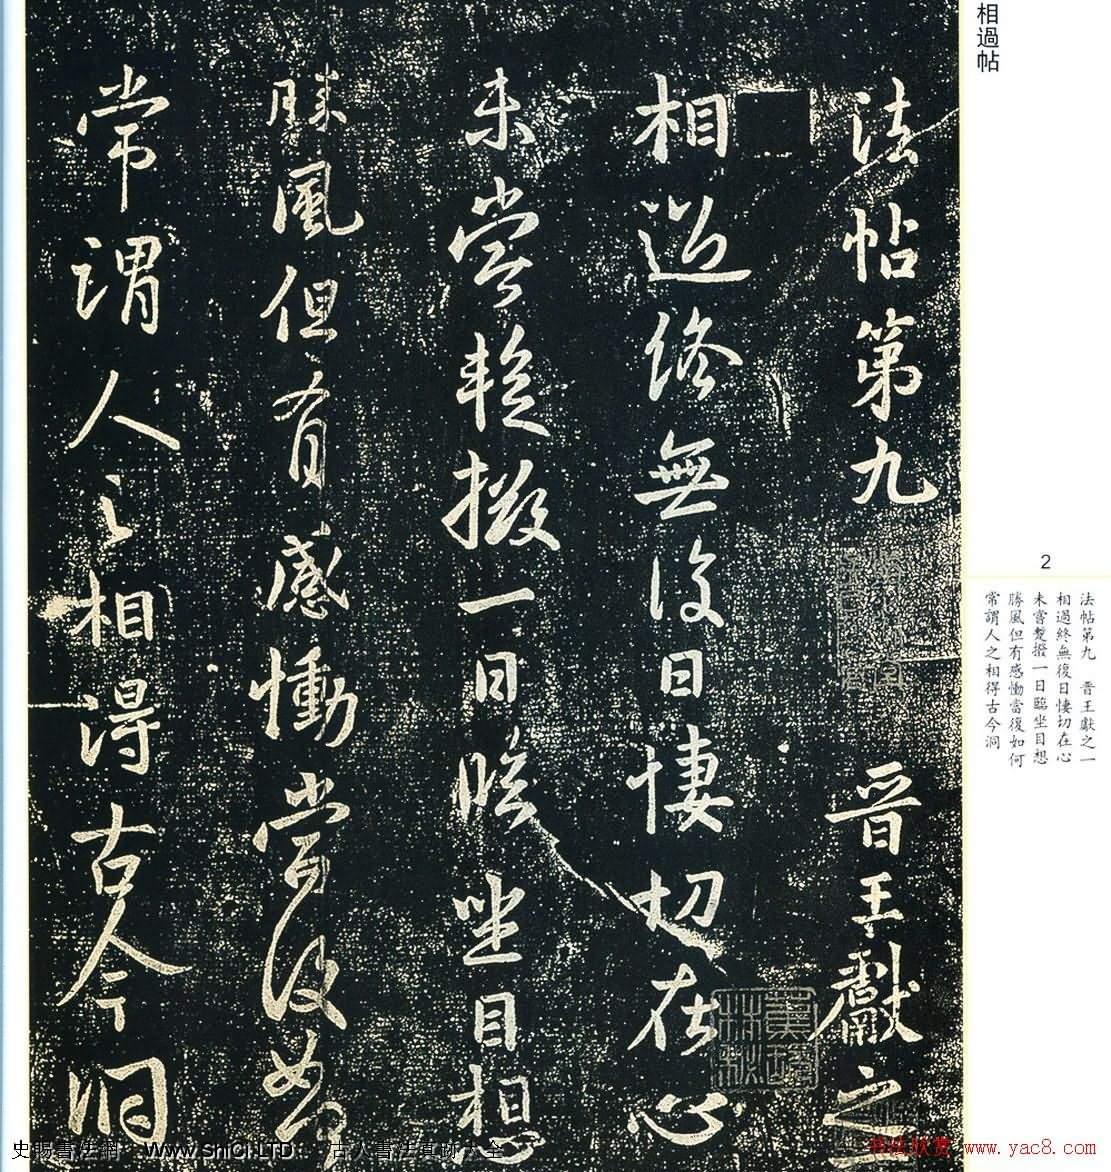 書法小聖王獻之書法字帖全集(共45張圖片)